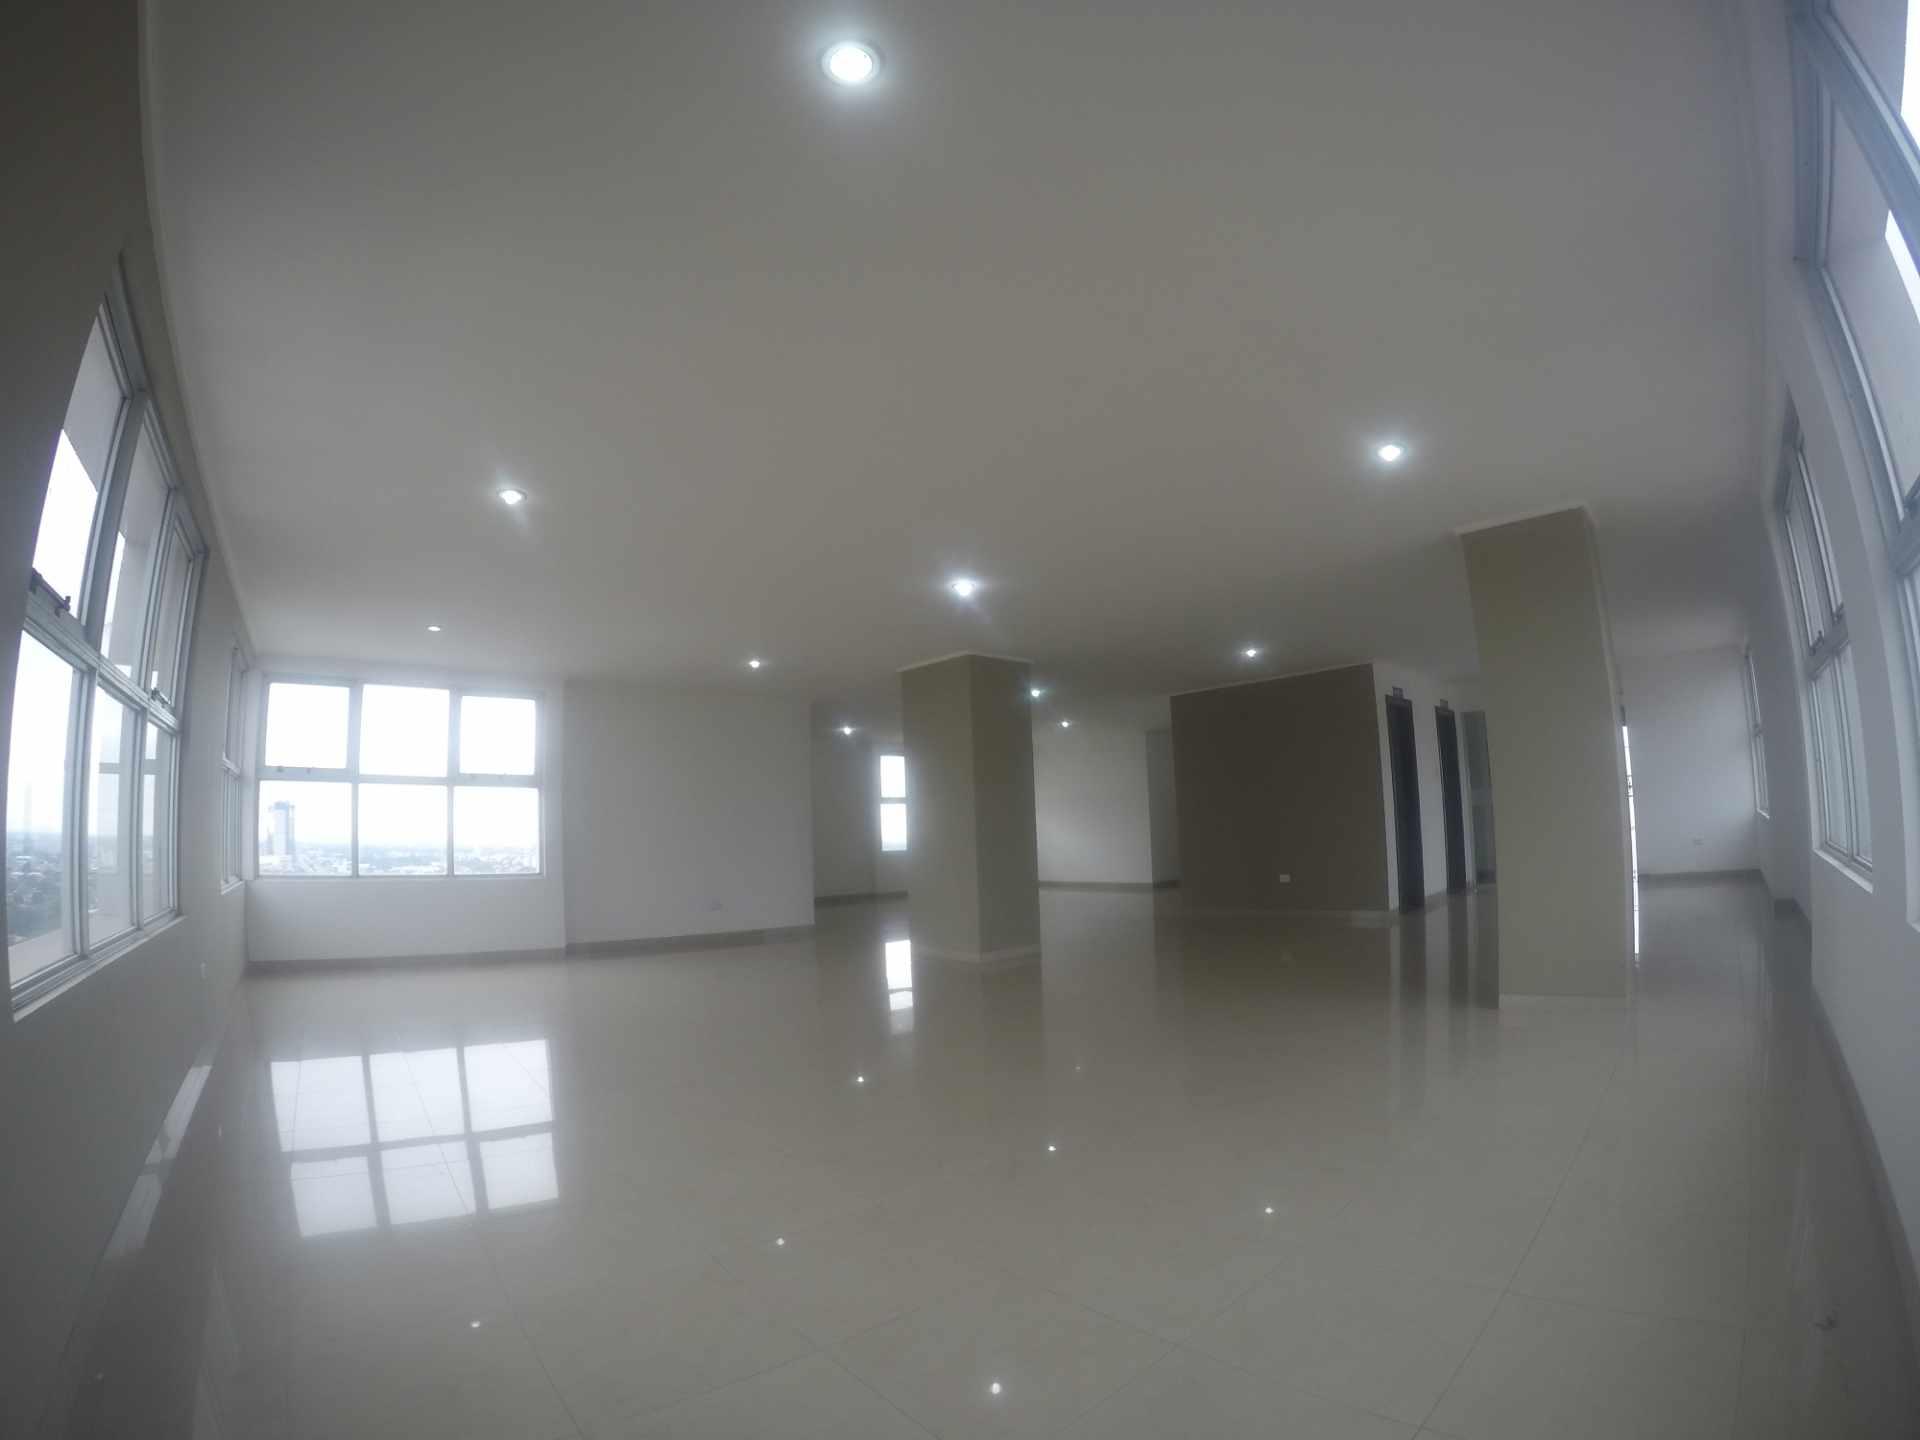 Departamento en Venta Condominio San Antonio [Av. Banzer 2do. y 3er. Anillo], De ocasión vendo departamento de 2 dormitorios sin parqueo. [69.000$us.] Foto 12